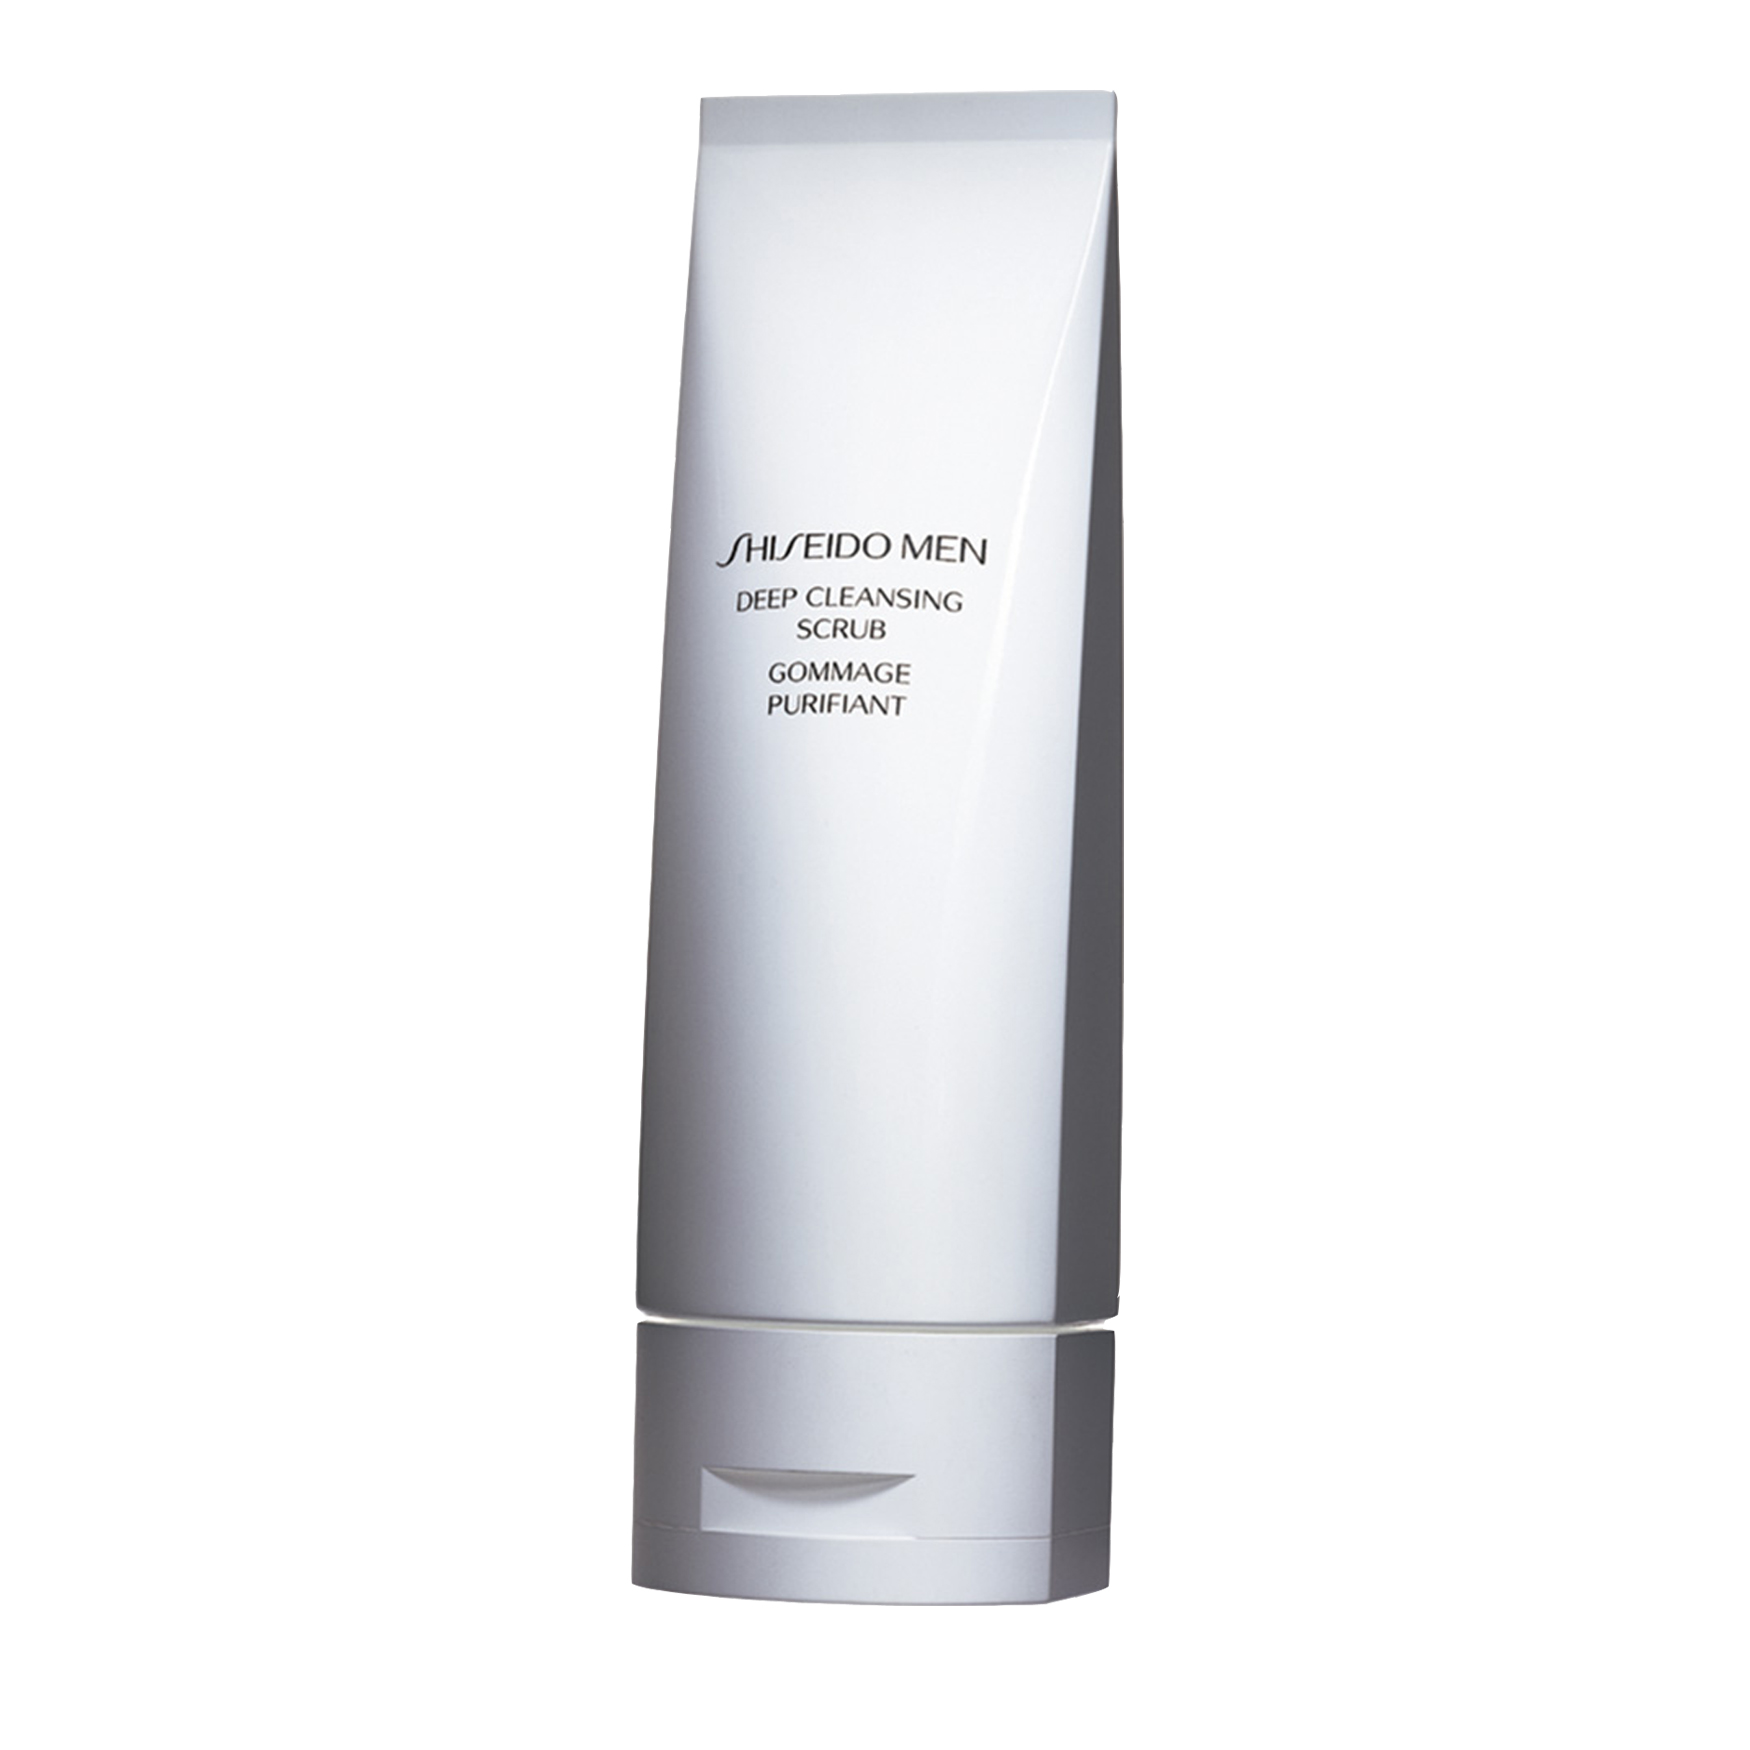 Shiseido Men Deep Cleansing Scrub, , large